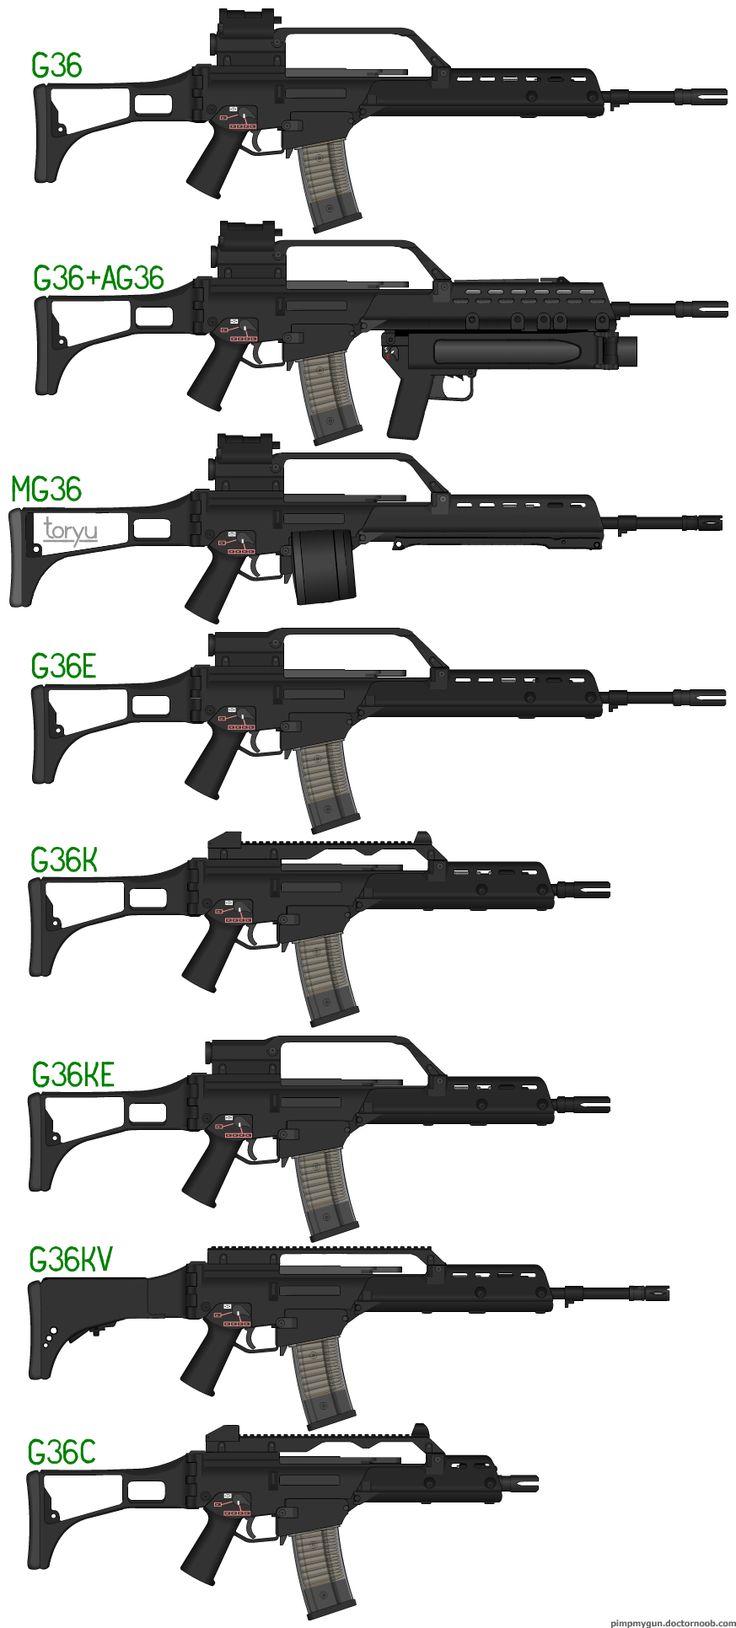 H&k G36 Assault Rifle Variants